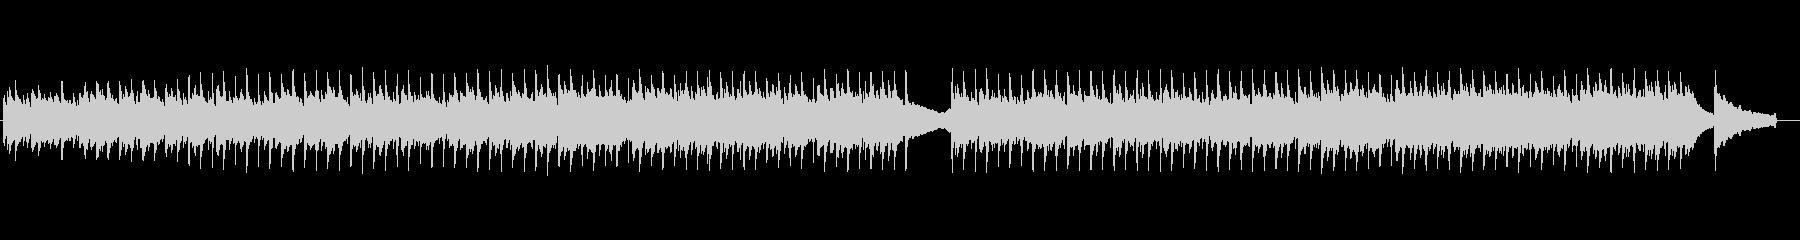 ソフトでオーガニックな雰囲気のアコギ曲の未再生の波形